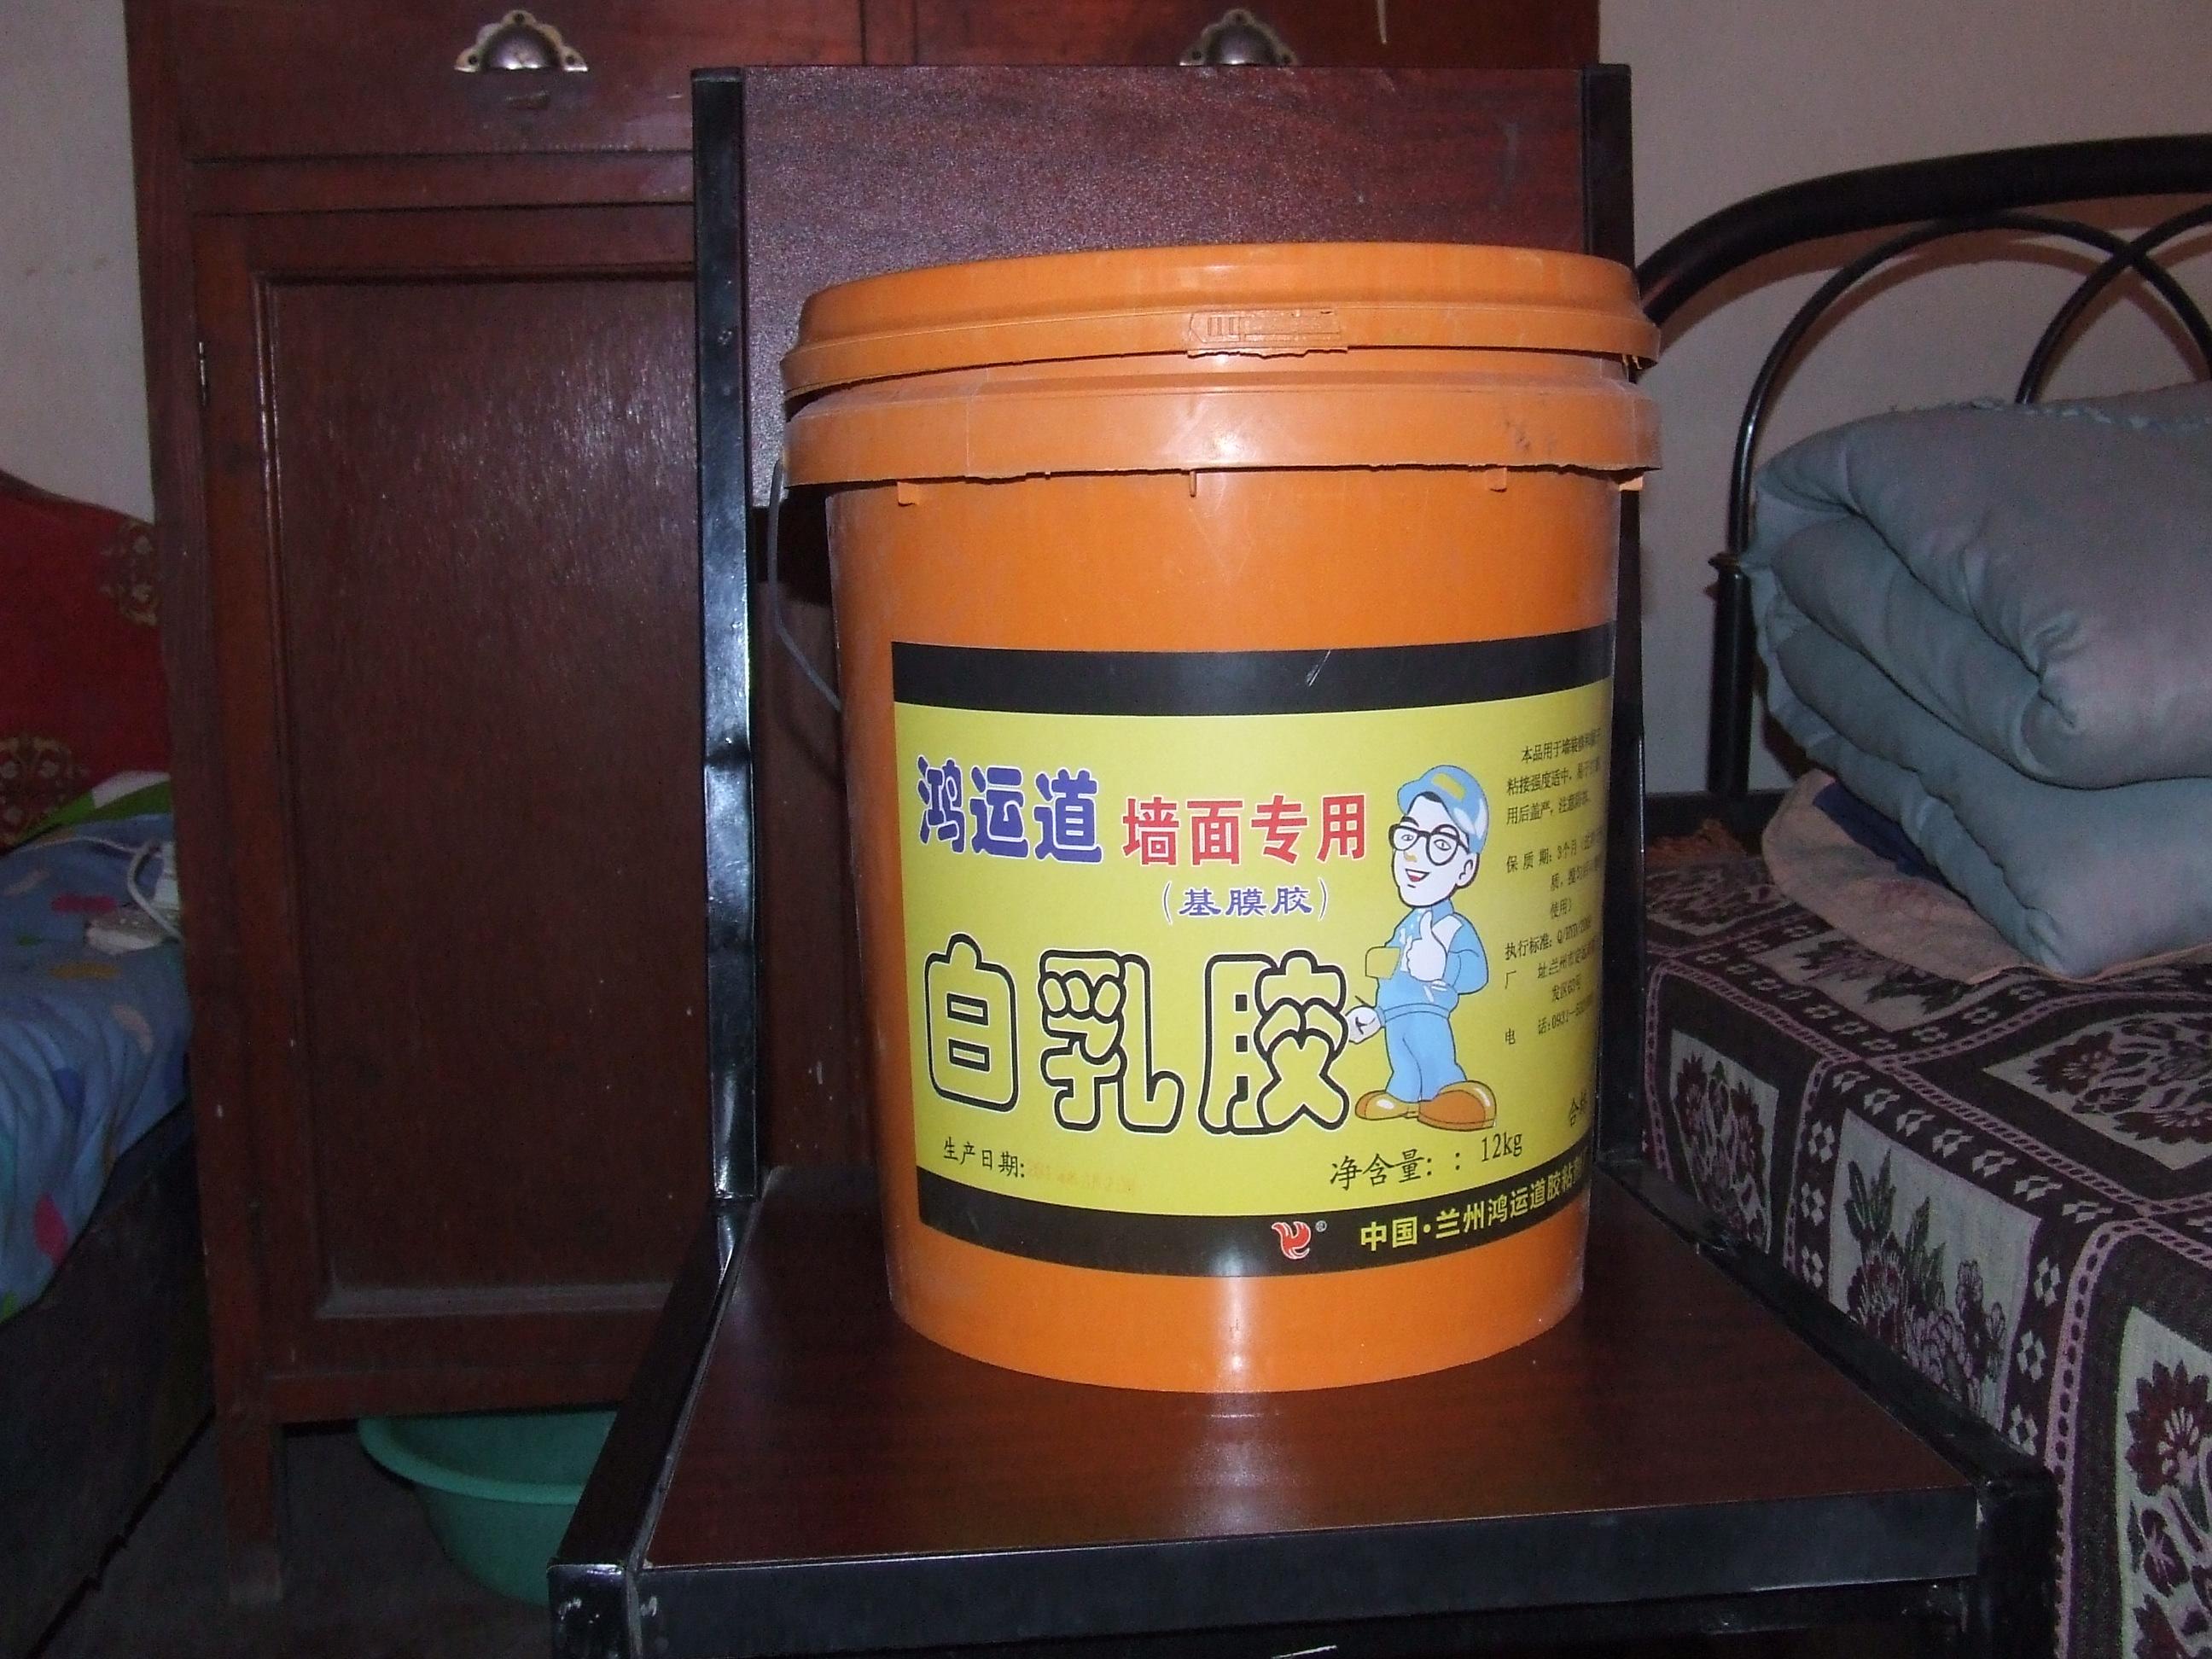 想买质量保证的兰州白乳胶,就来兰州鸿运道胶|兰州白乳胶是优质的